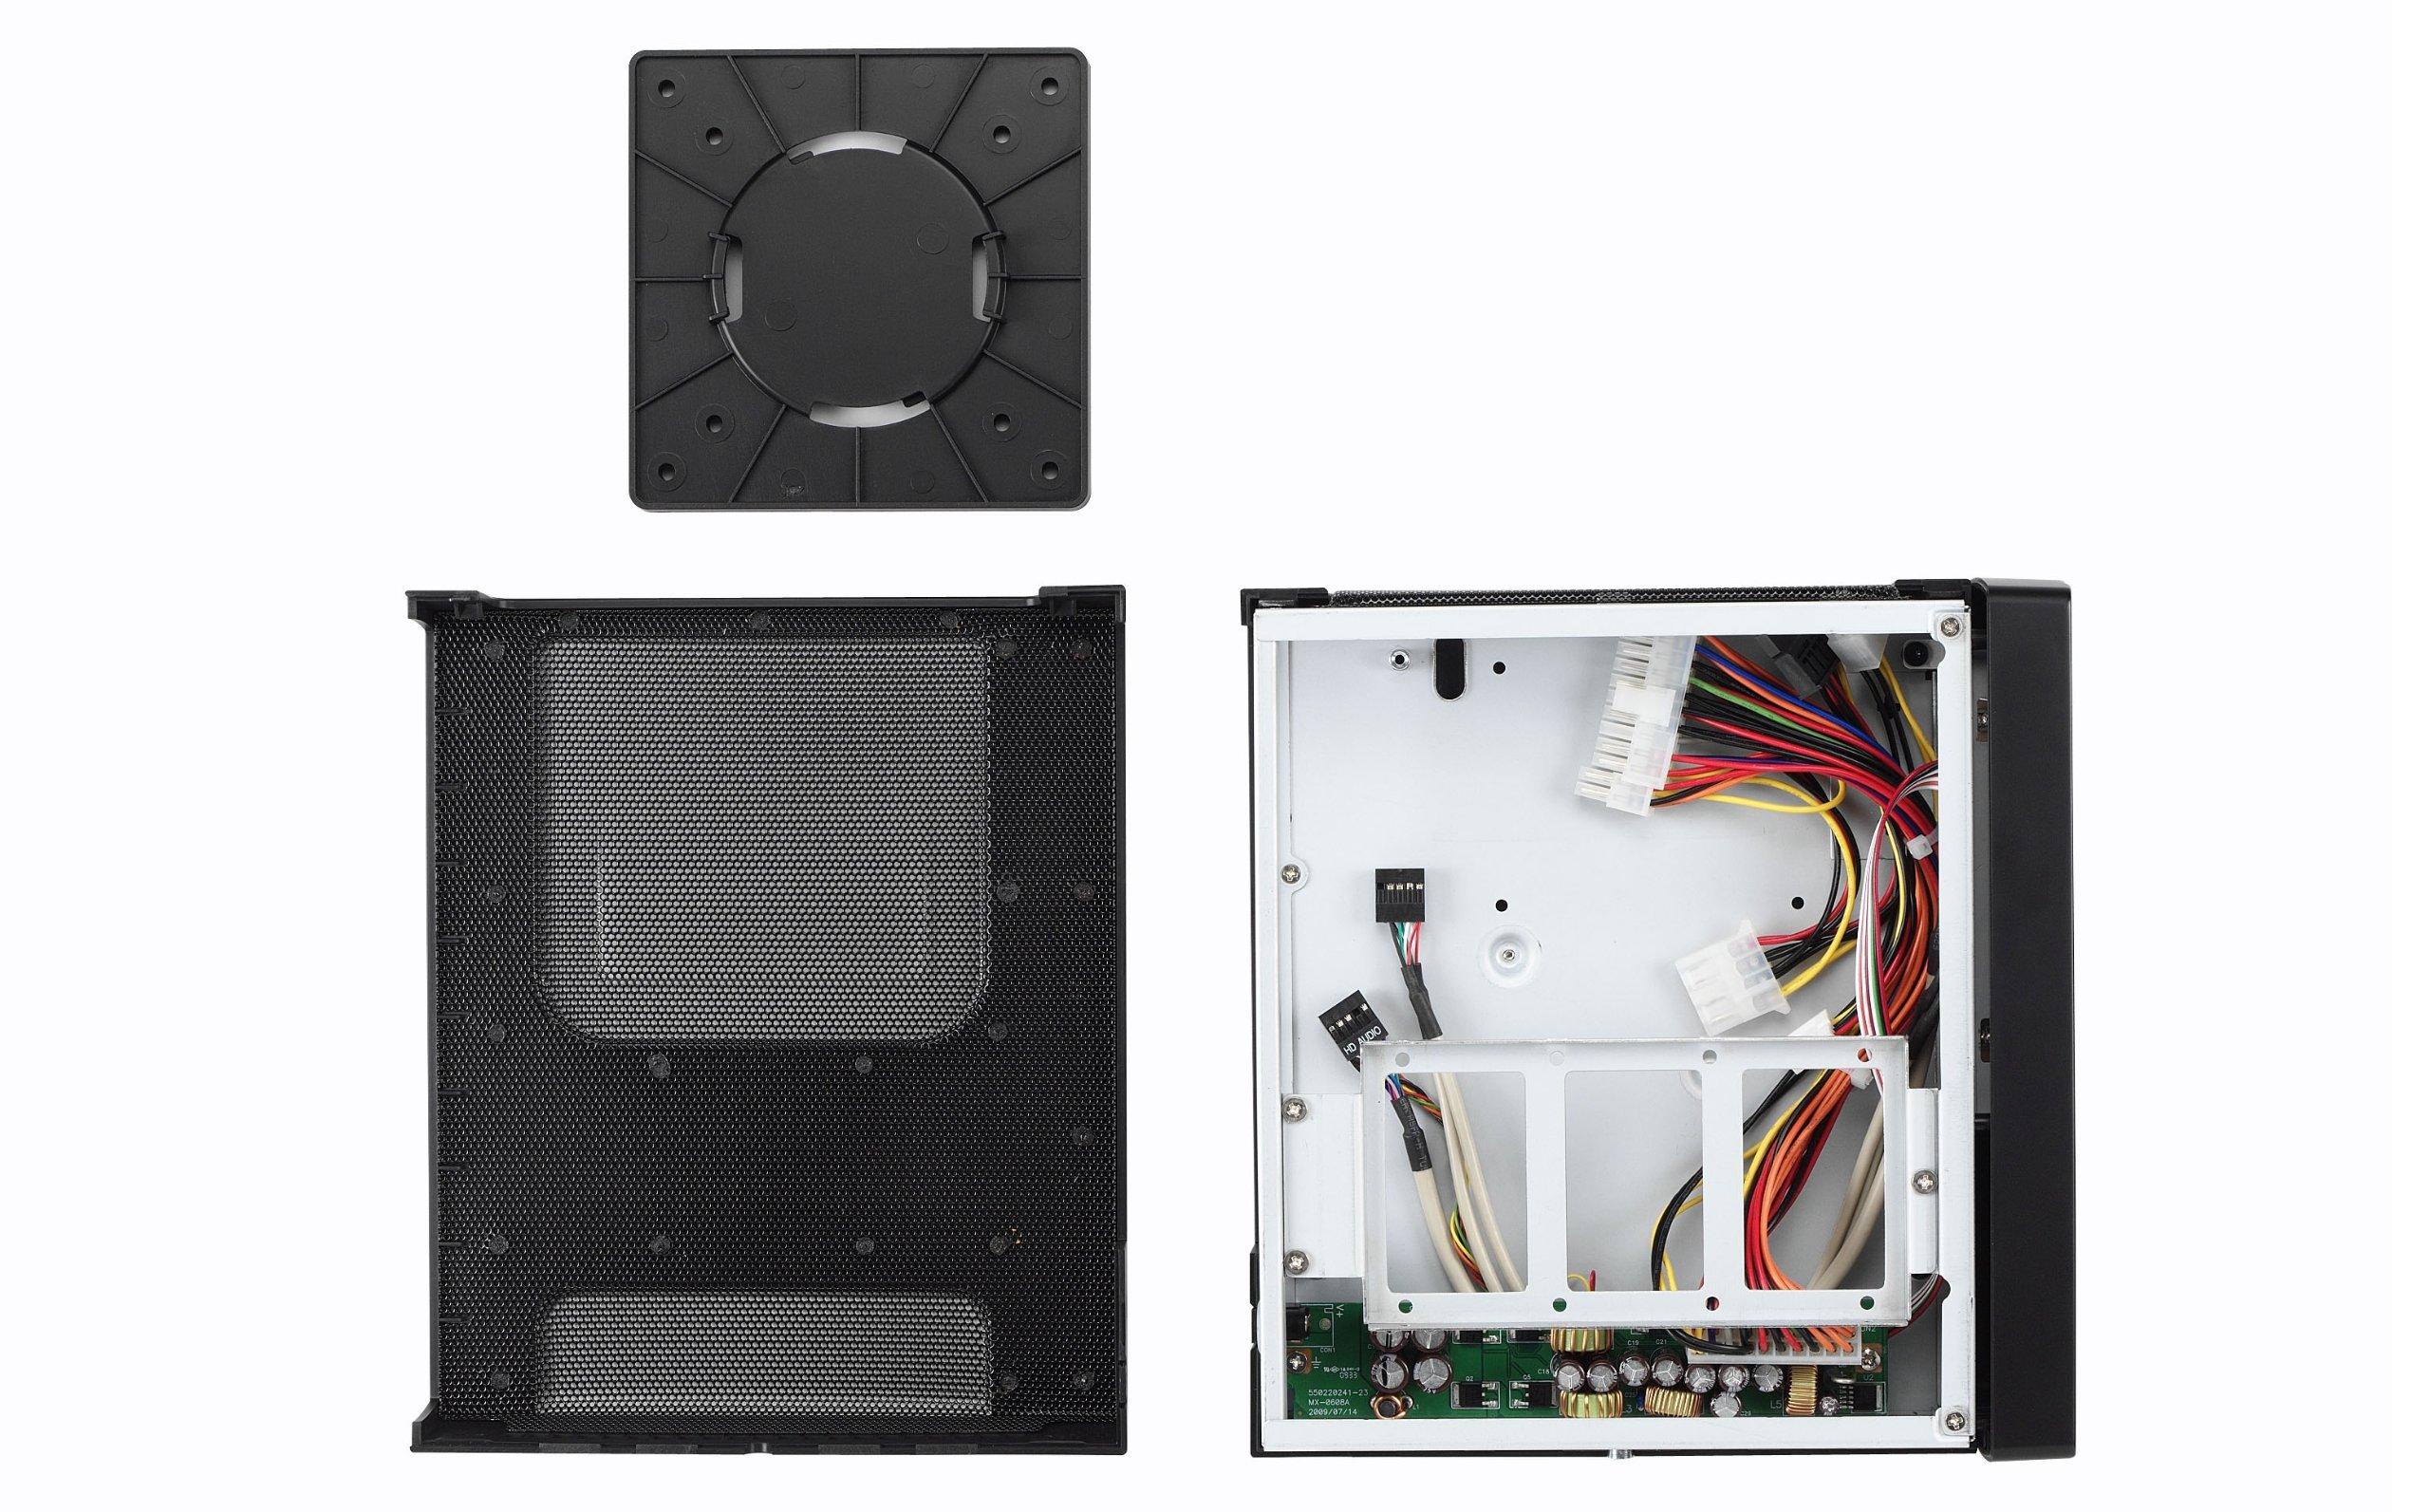 Morex T3410 Silent, Fanless VESA Mini-ITX Case w/60W PS by Morex (Image #5)